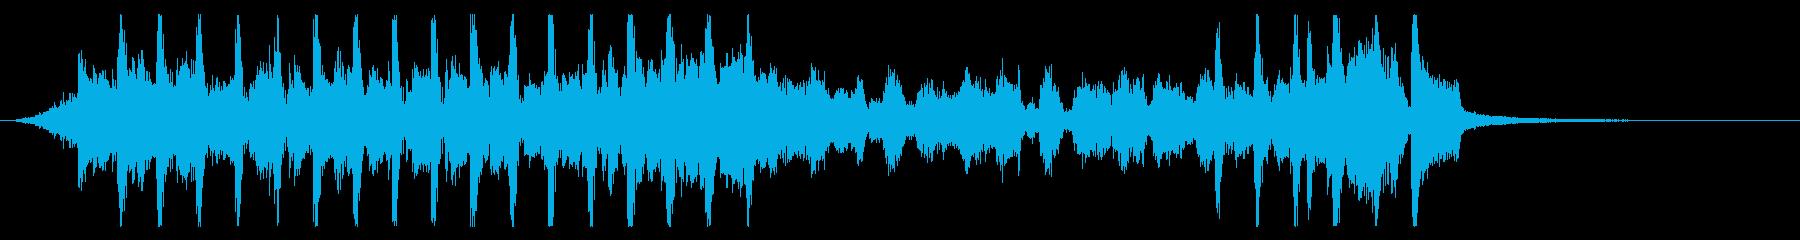 スタイリッシュな四つ打ちギターファンクの再生済みの波形